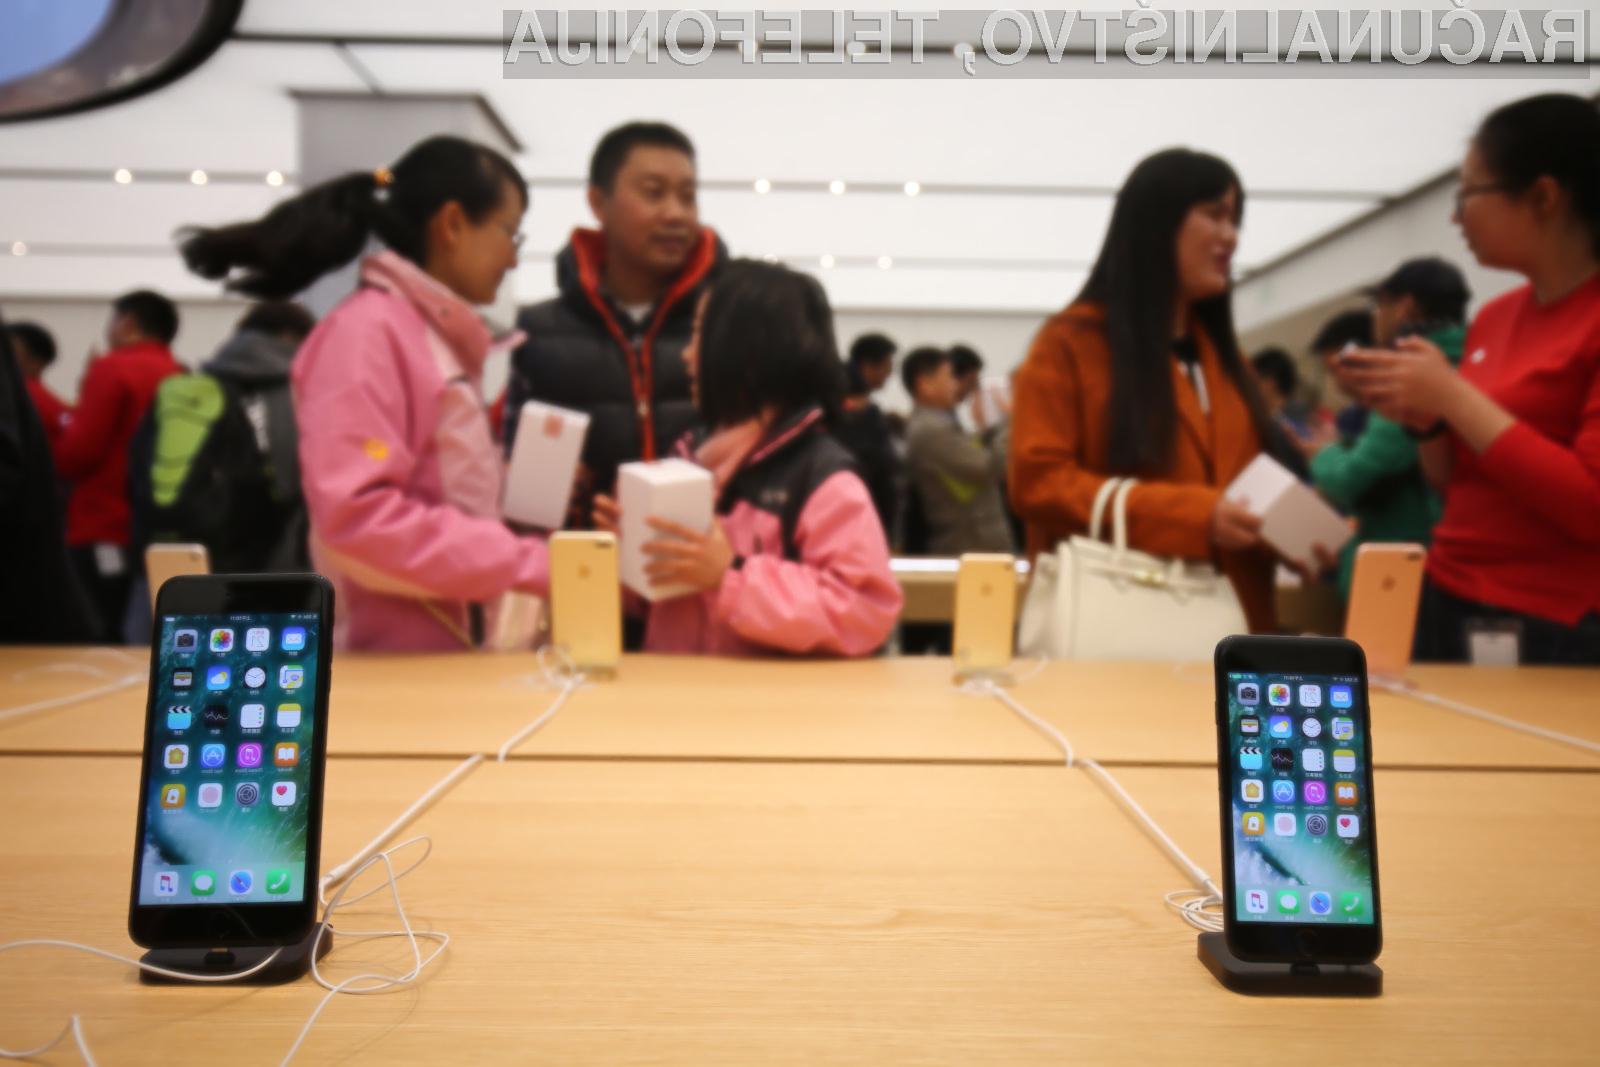 Apple je aplikacije VPN na Kitajskem odstranilo na zahtevo kitajskega ministrstva za industrijo in informacijsko tehnologijo.